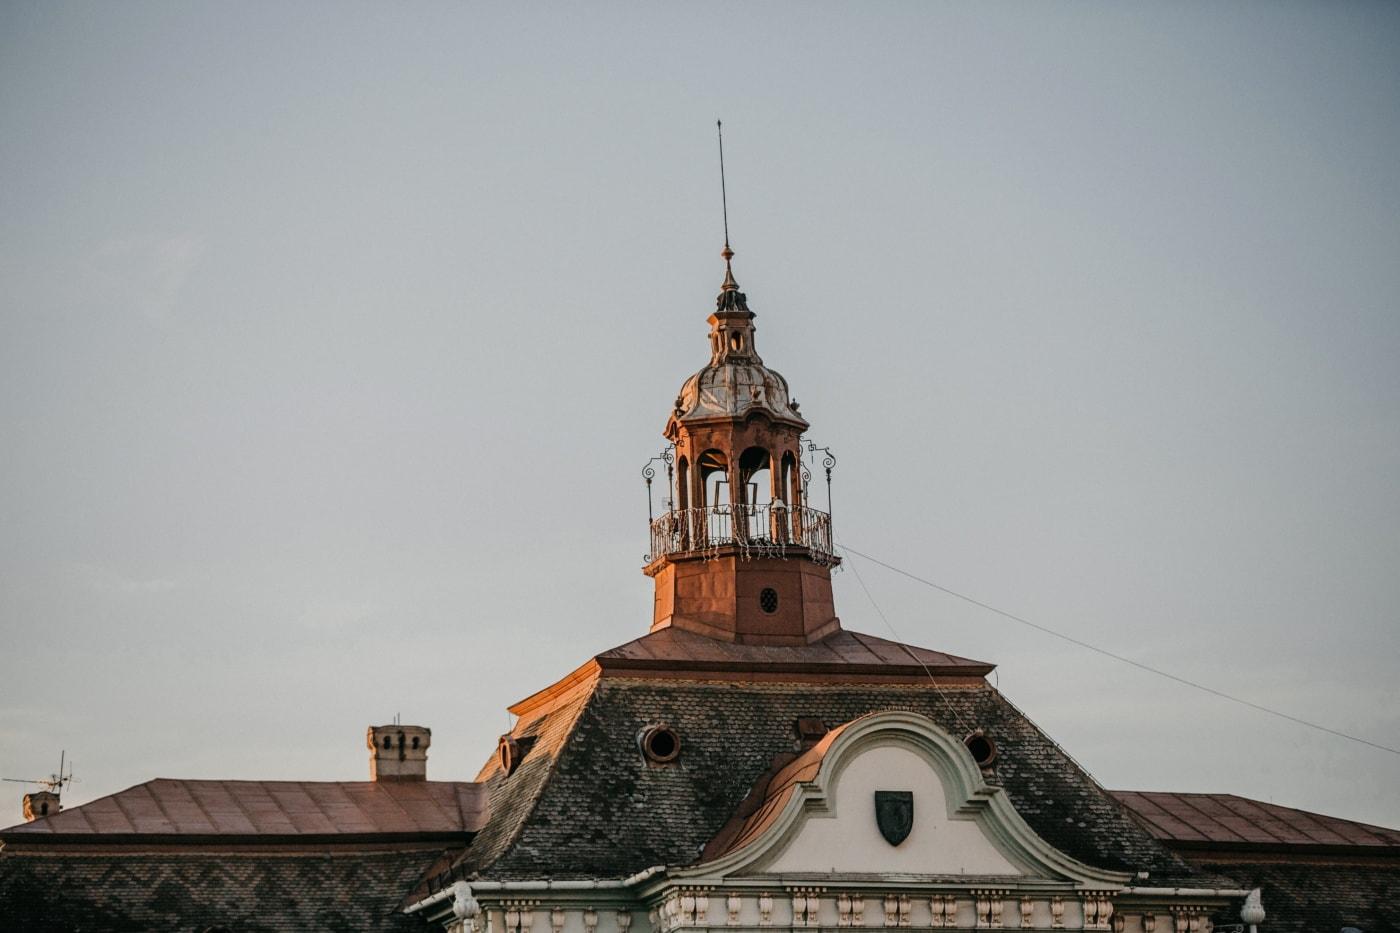 kastil, tempat tinggal, atap, Barok, atap, bangunan, penangkal petir, arsitektur, kubah, biara